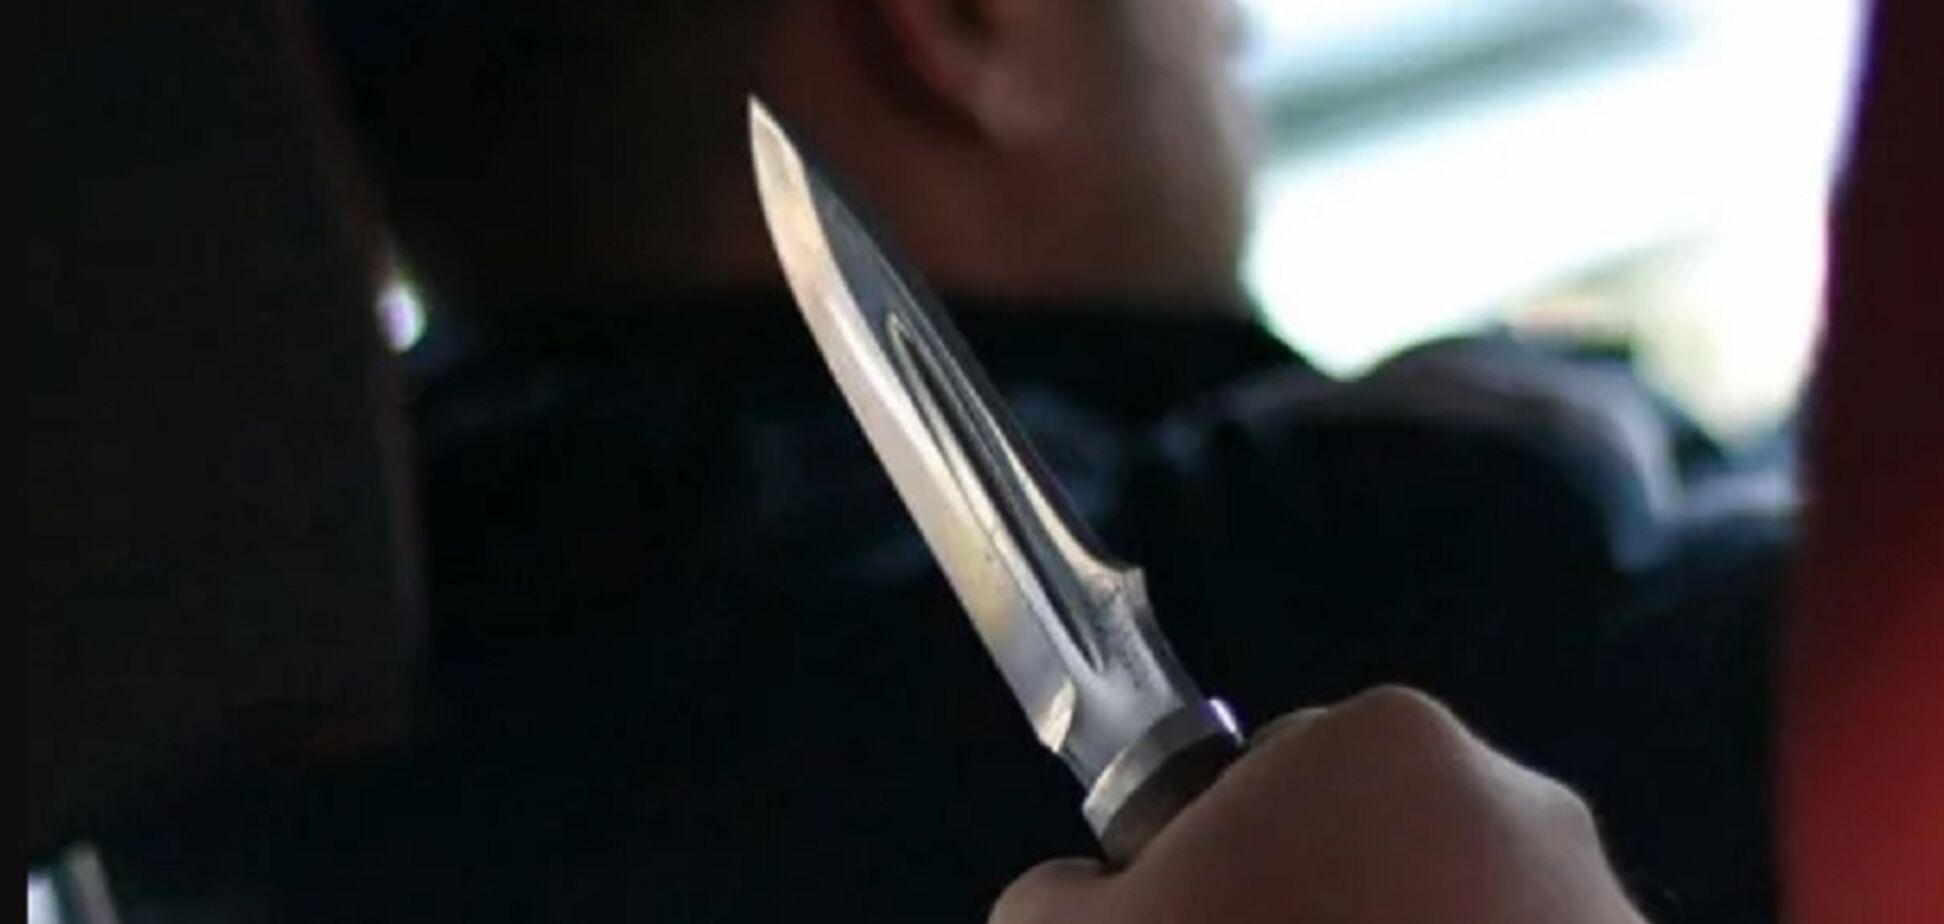 Ударил ножом в шею: под Одессой пассажир подрезал таксиста. Видео